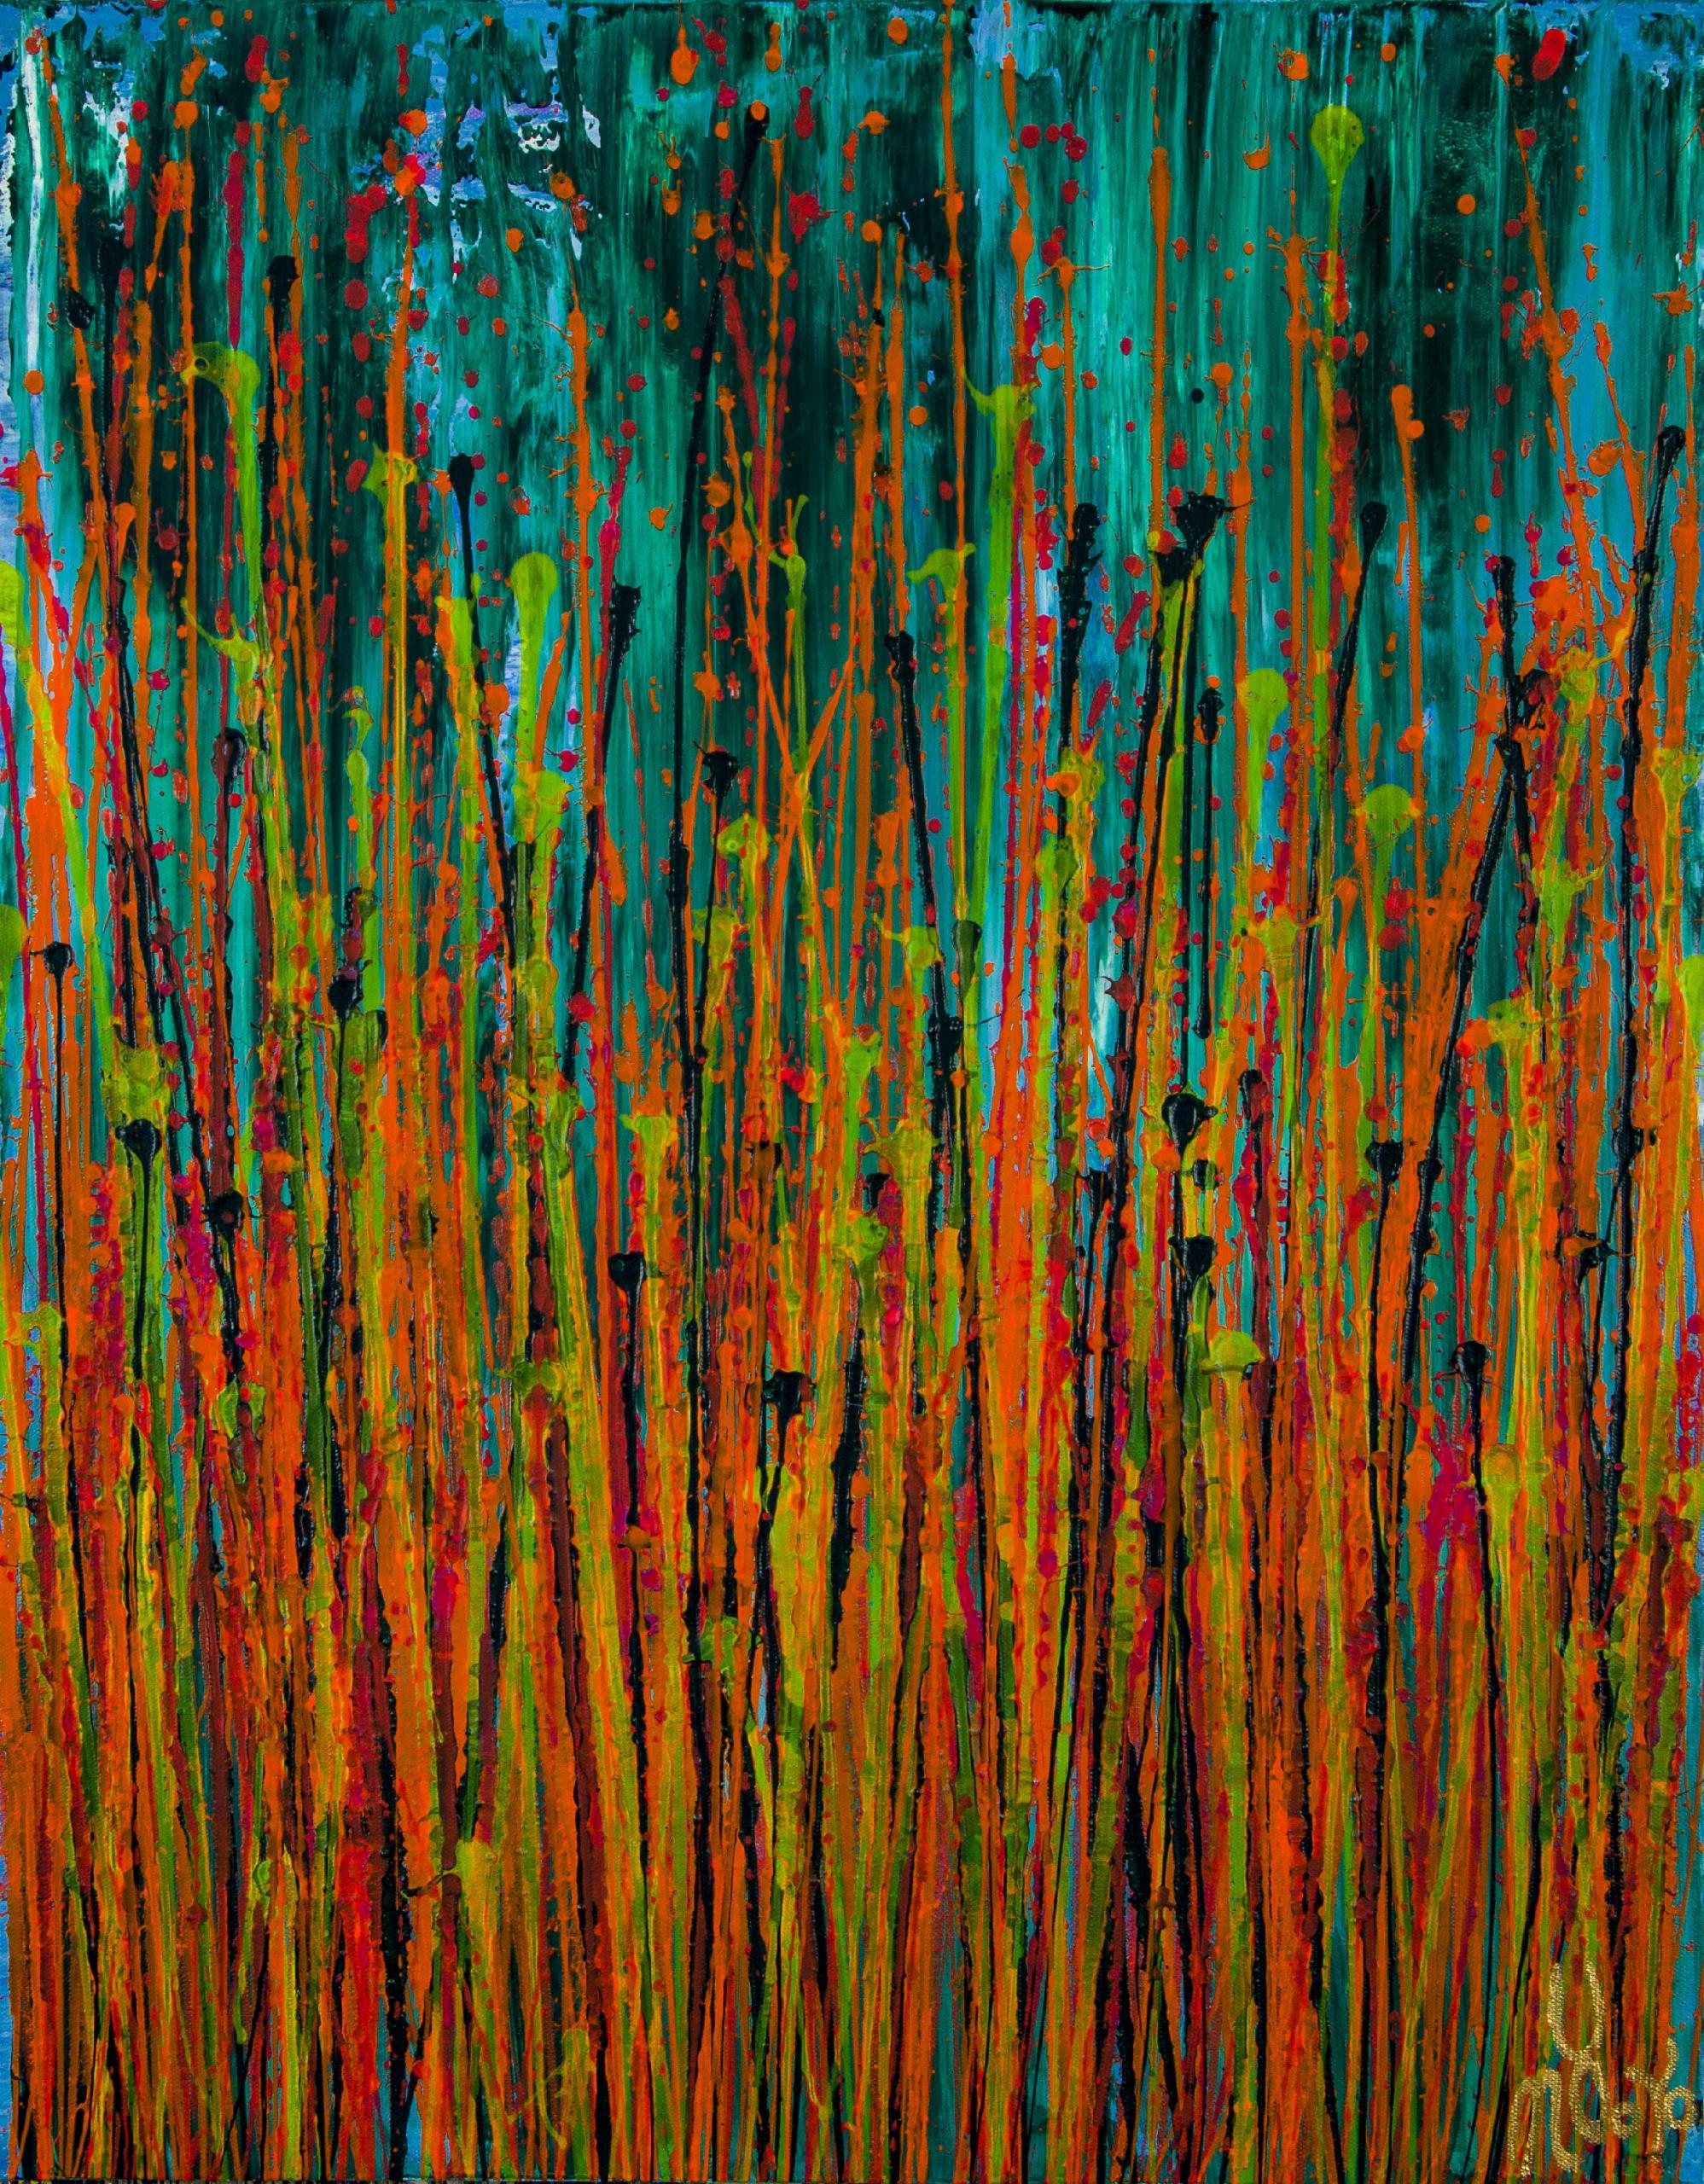 SOLD - Daydream Panorama (Nature's Imagery) #26 (2021) by Nestor Toro